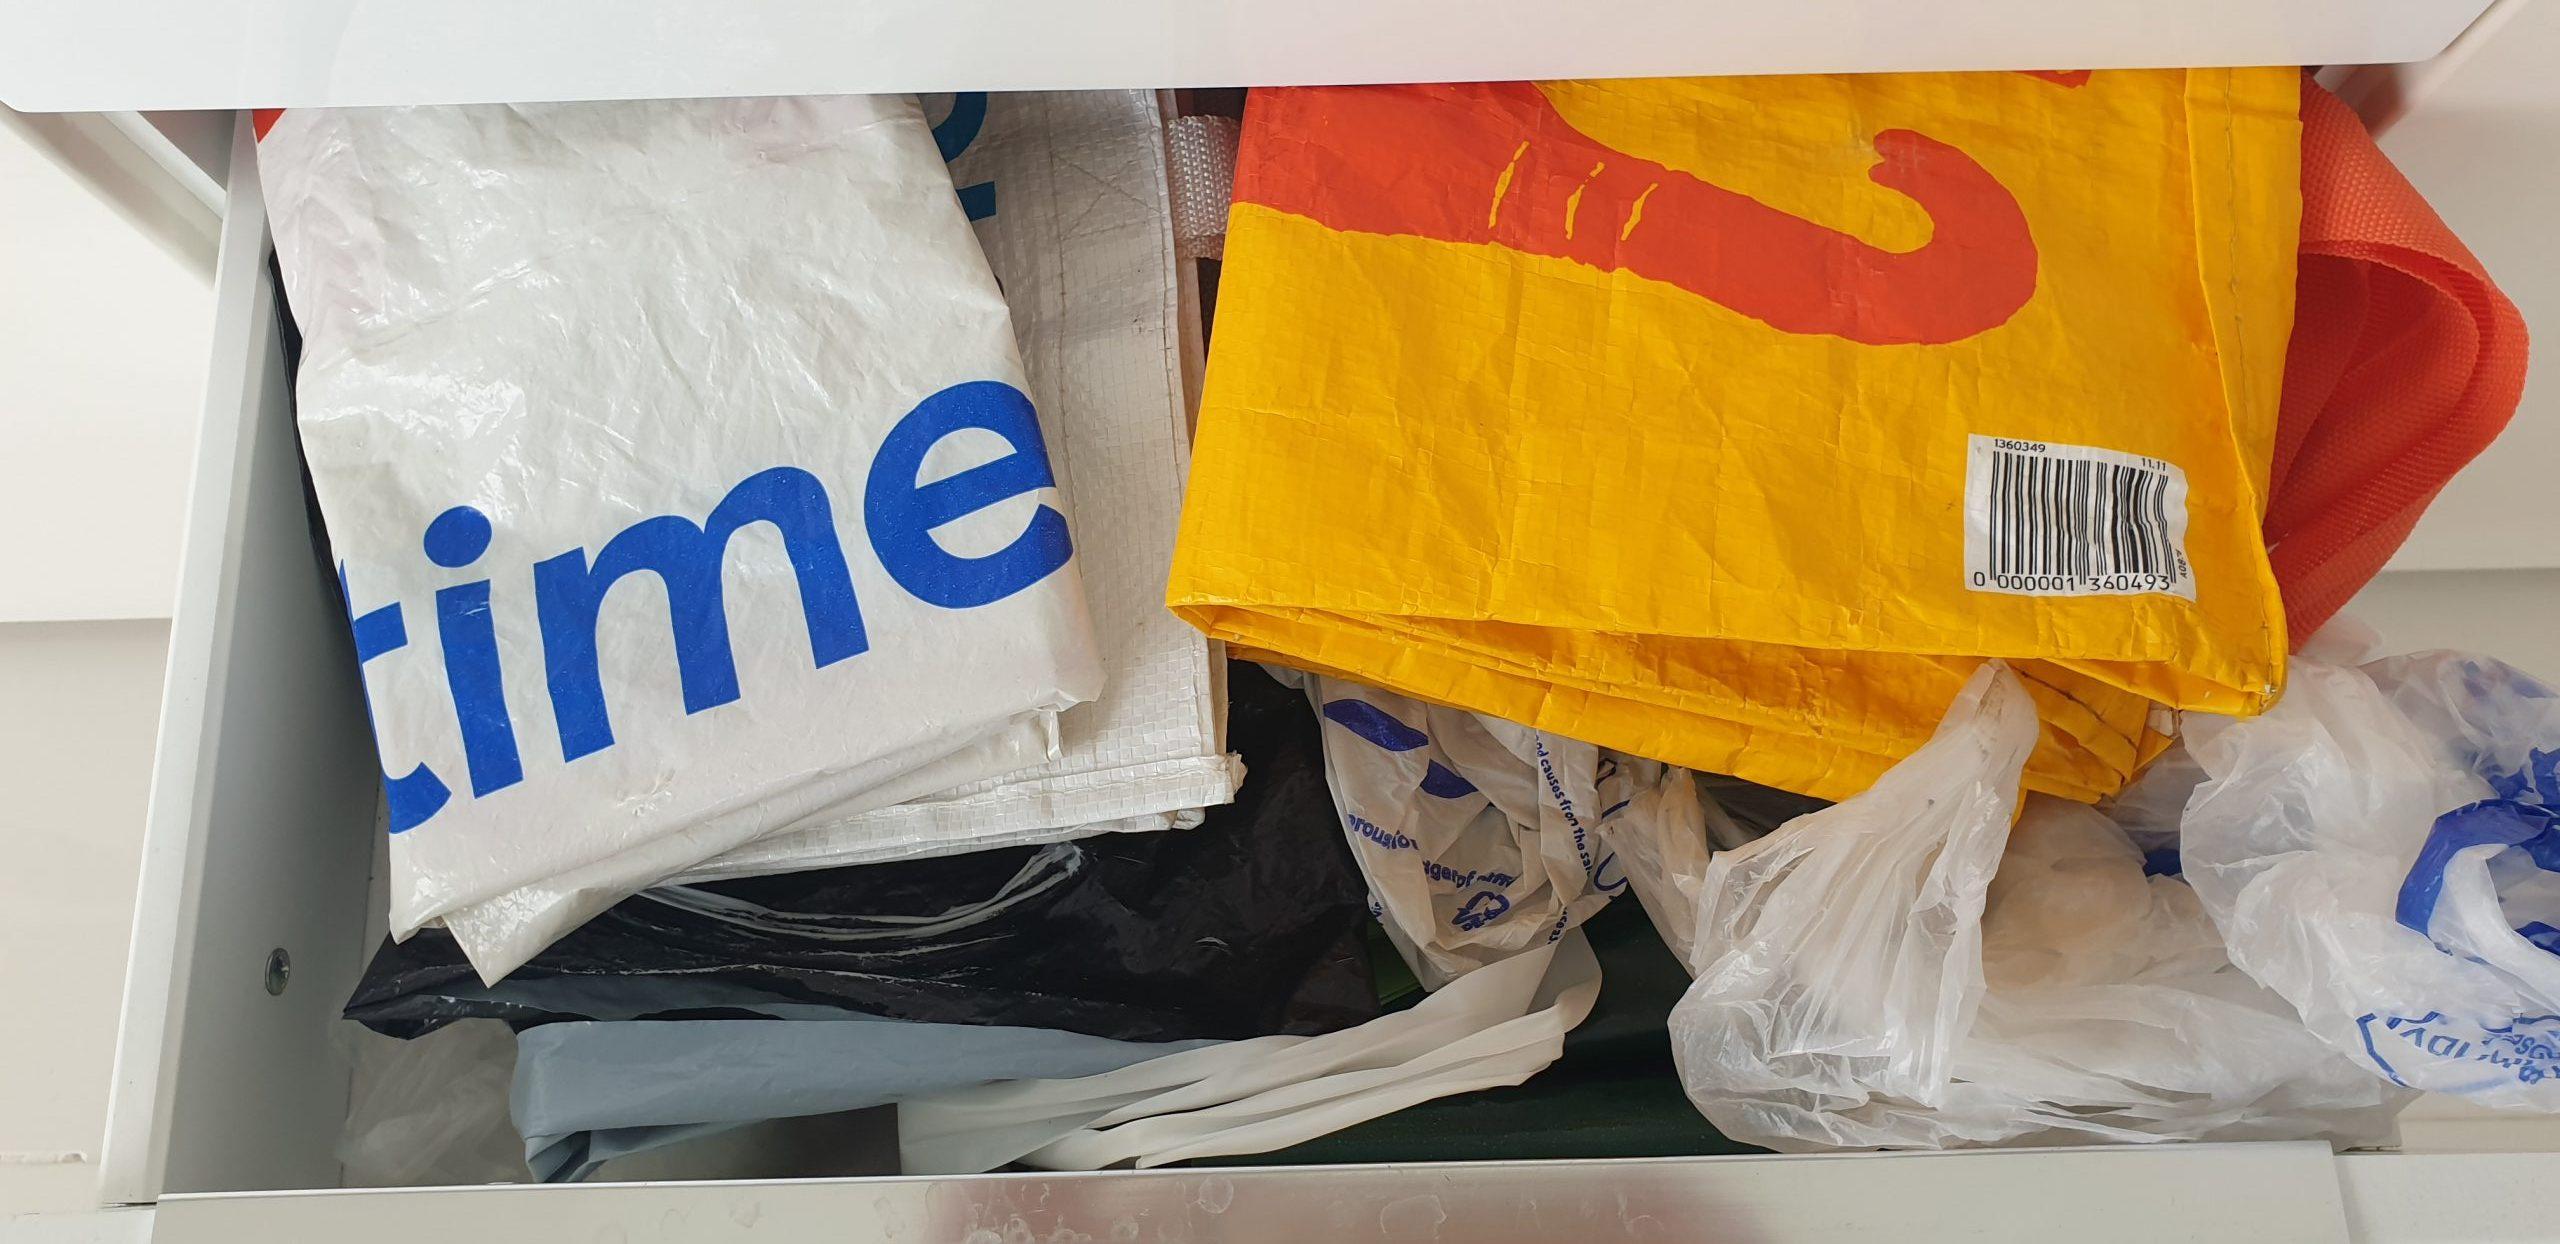 Always reuse plastic bags